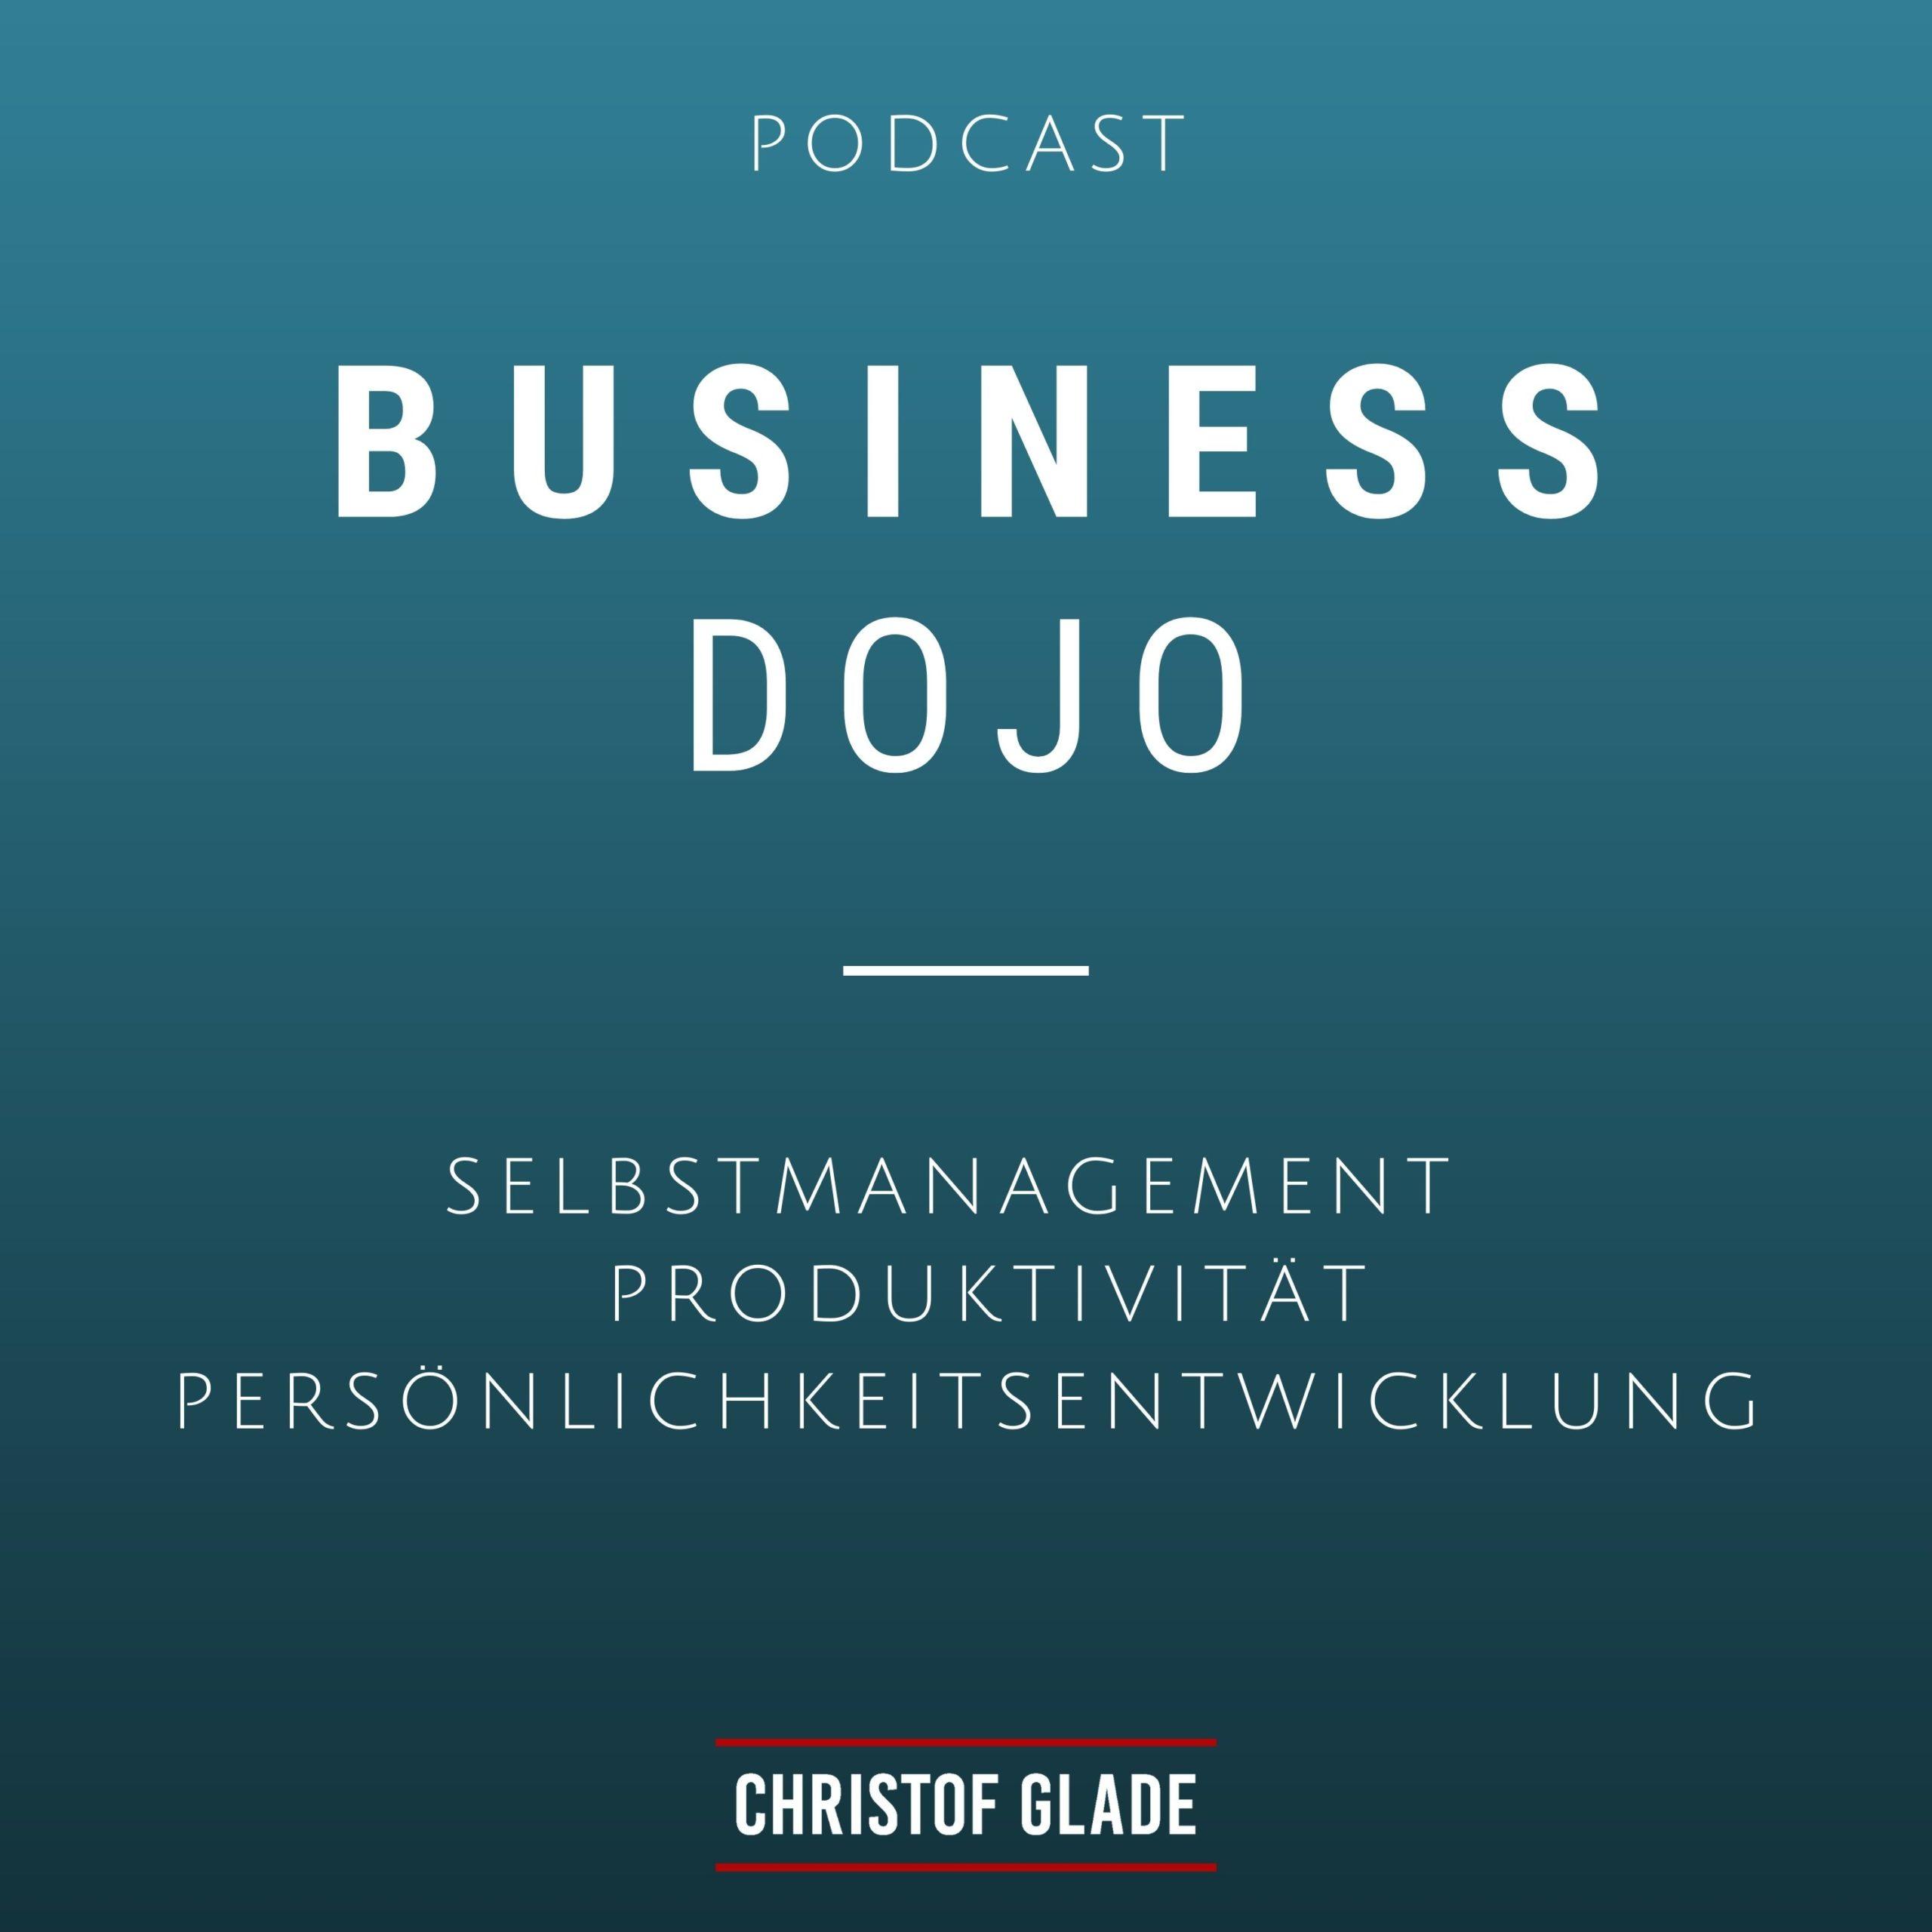 Business Dojo Podcast